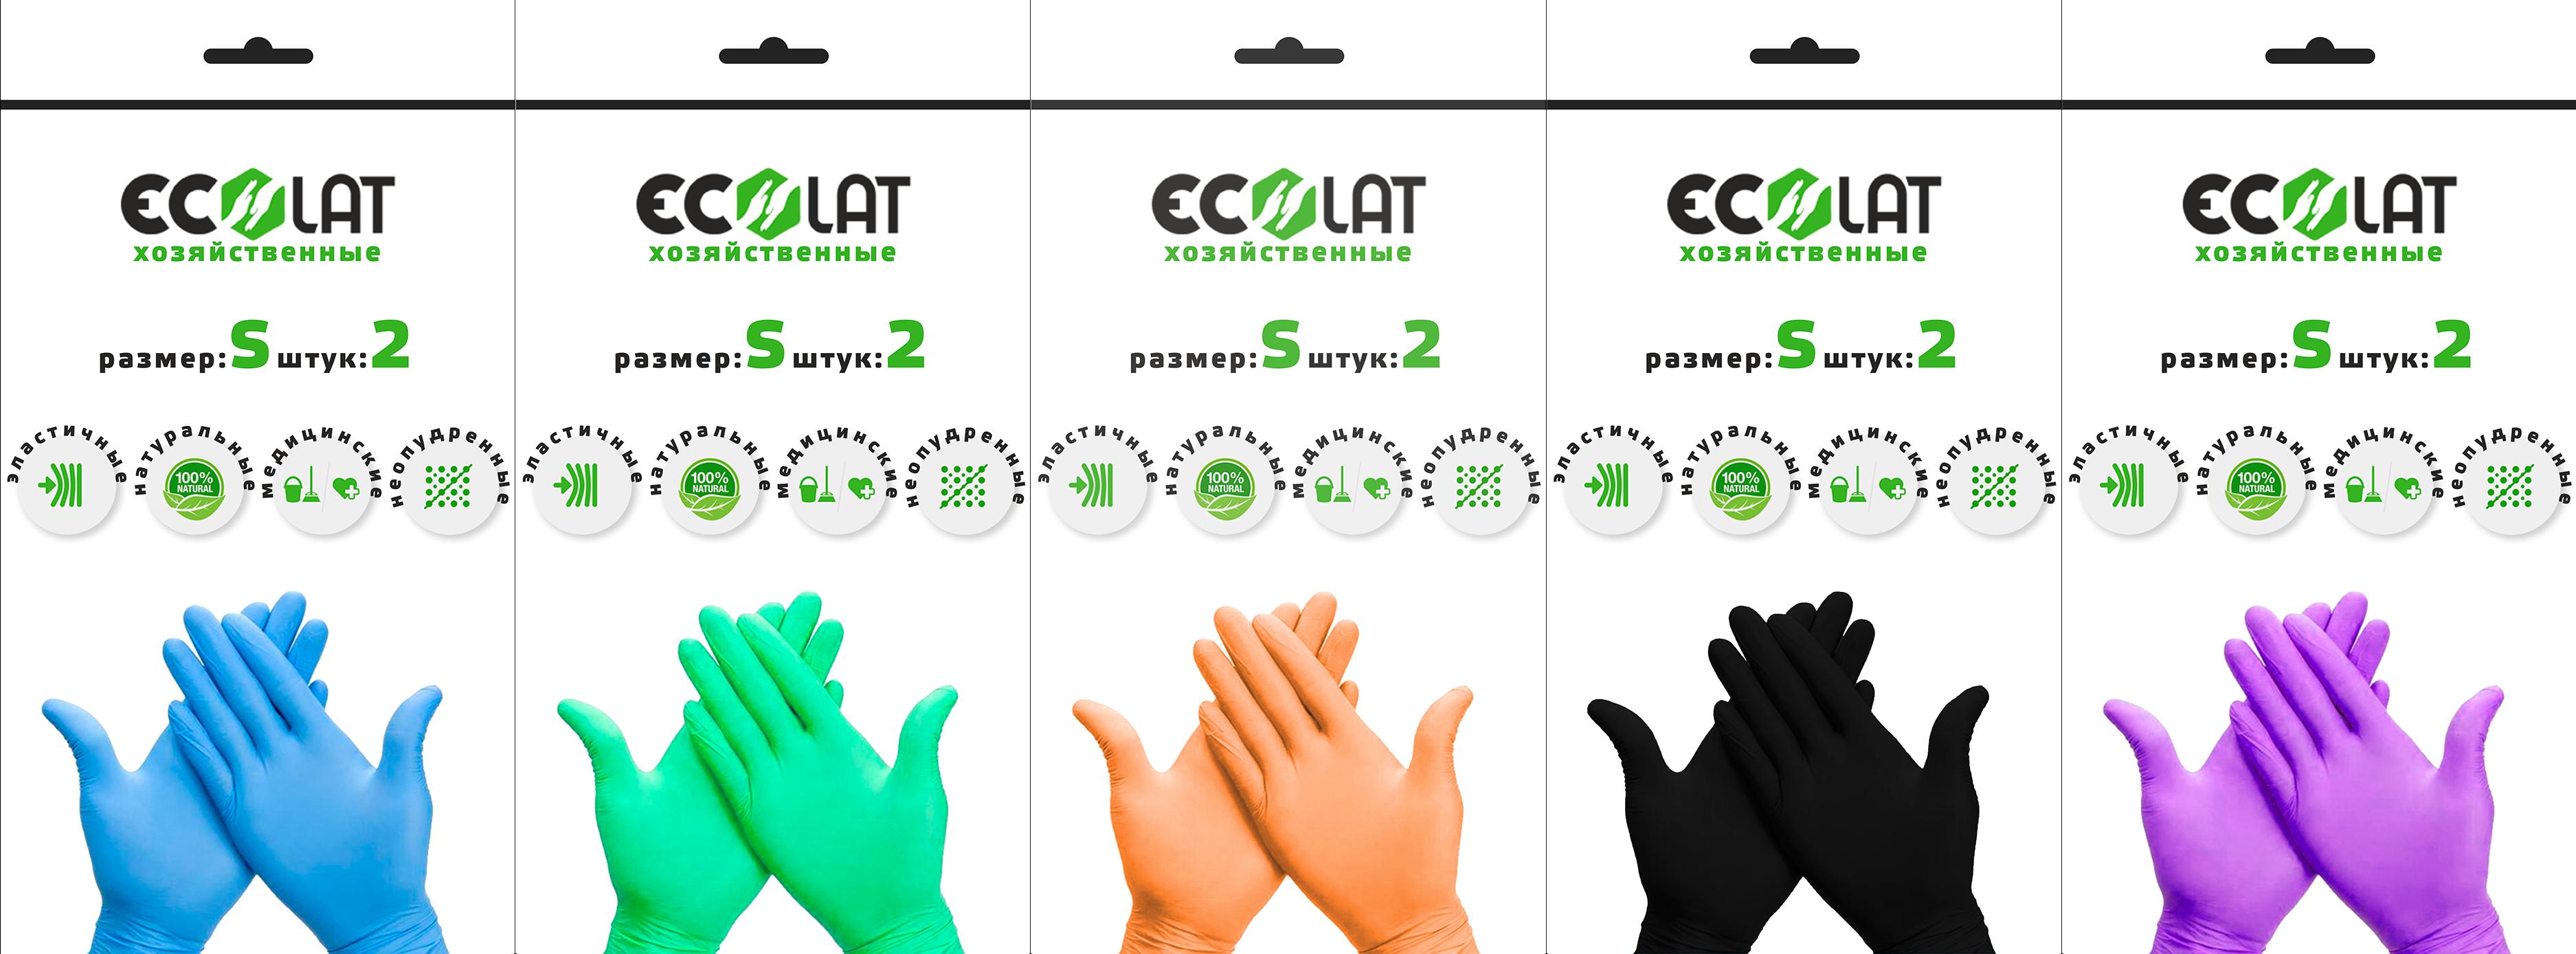 Создать дизайн для хозяйственных перчаток для упаковки flow pack фото f_8115d6cf0421146a.png